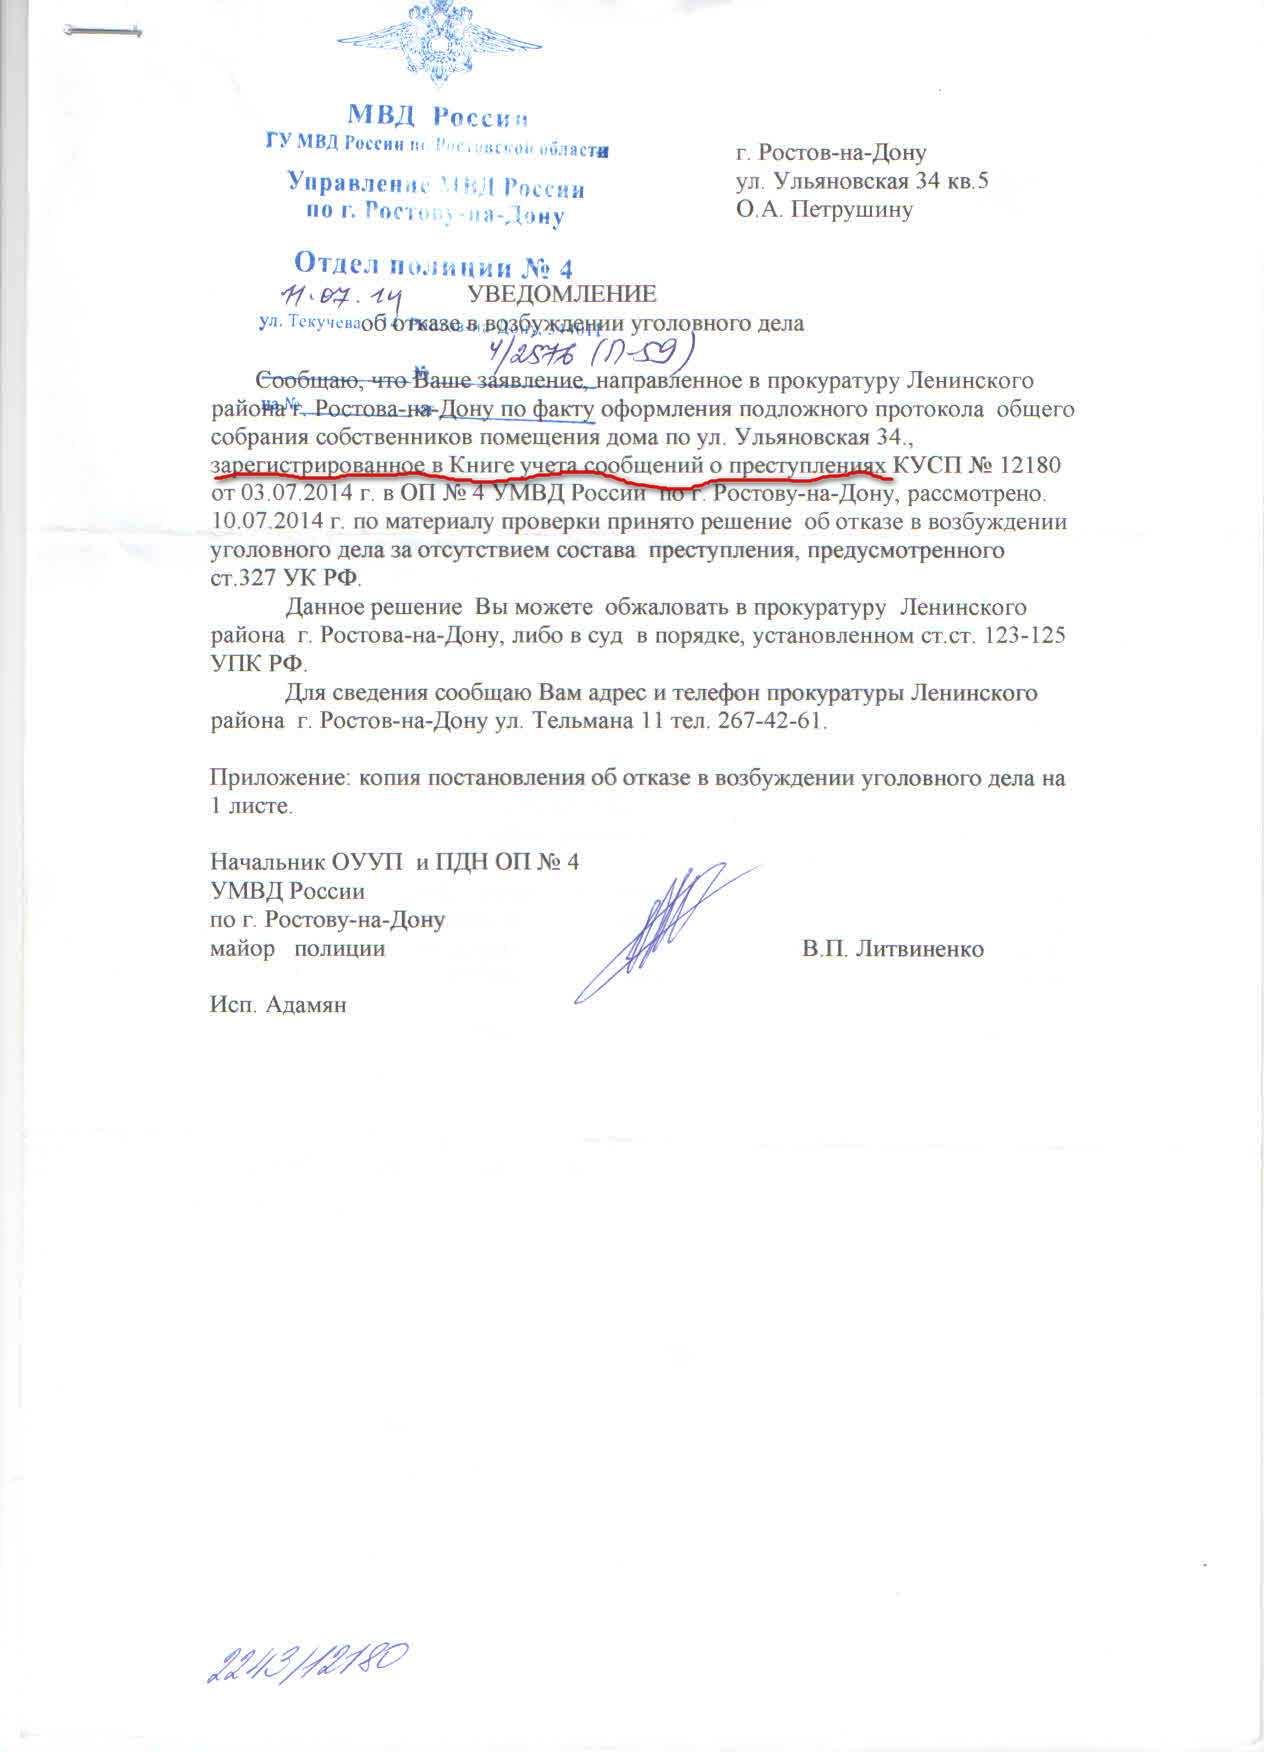 образец заявления в суд об обжаловании отказа в возбуждении уголовного дела коридор